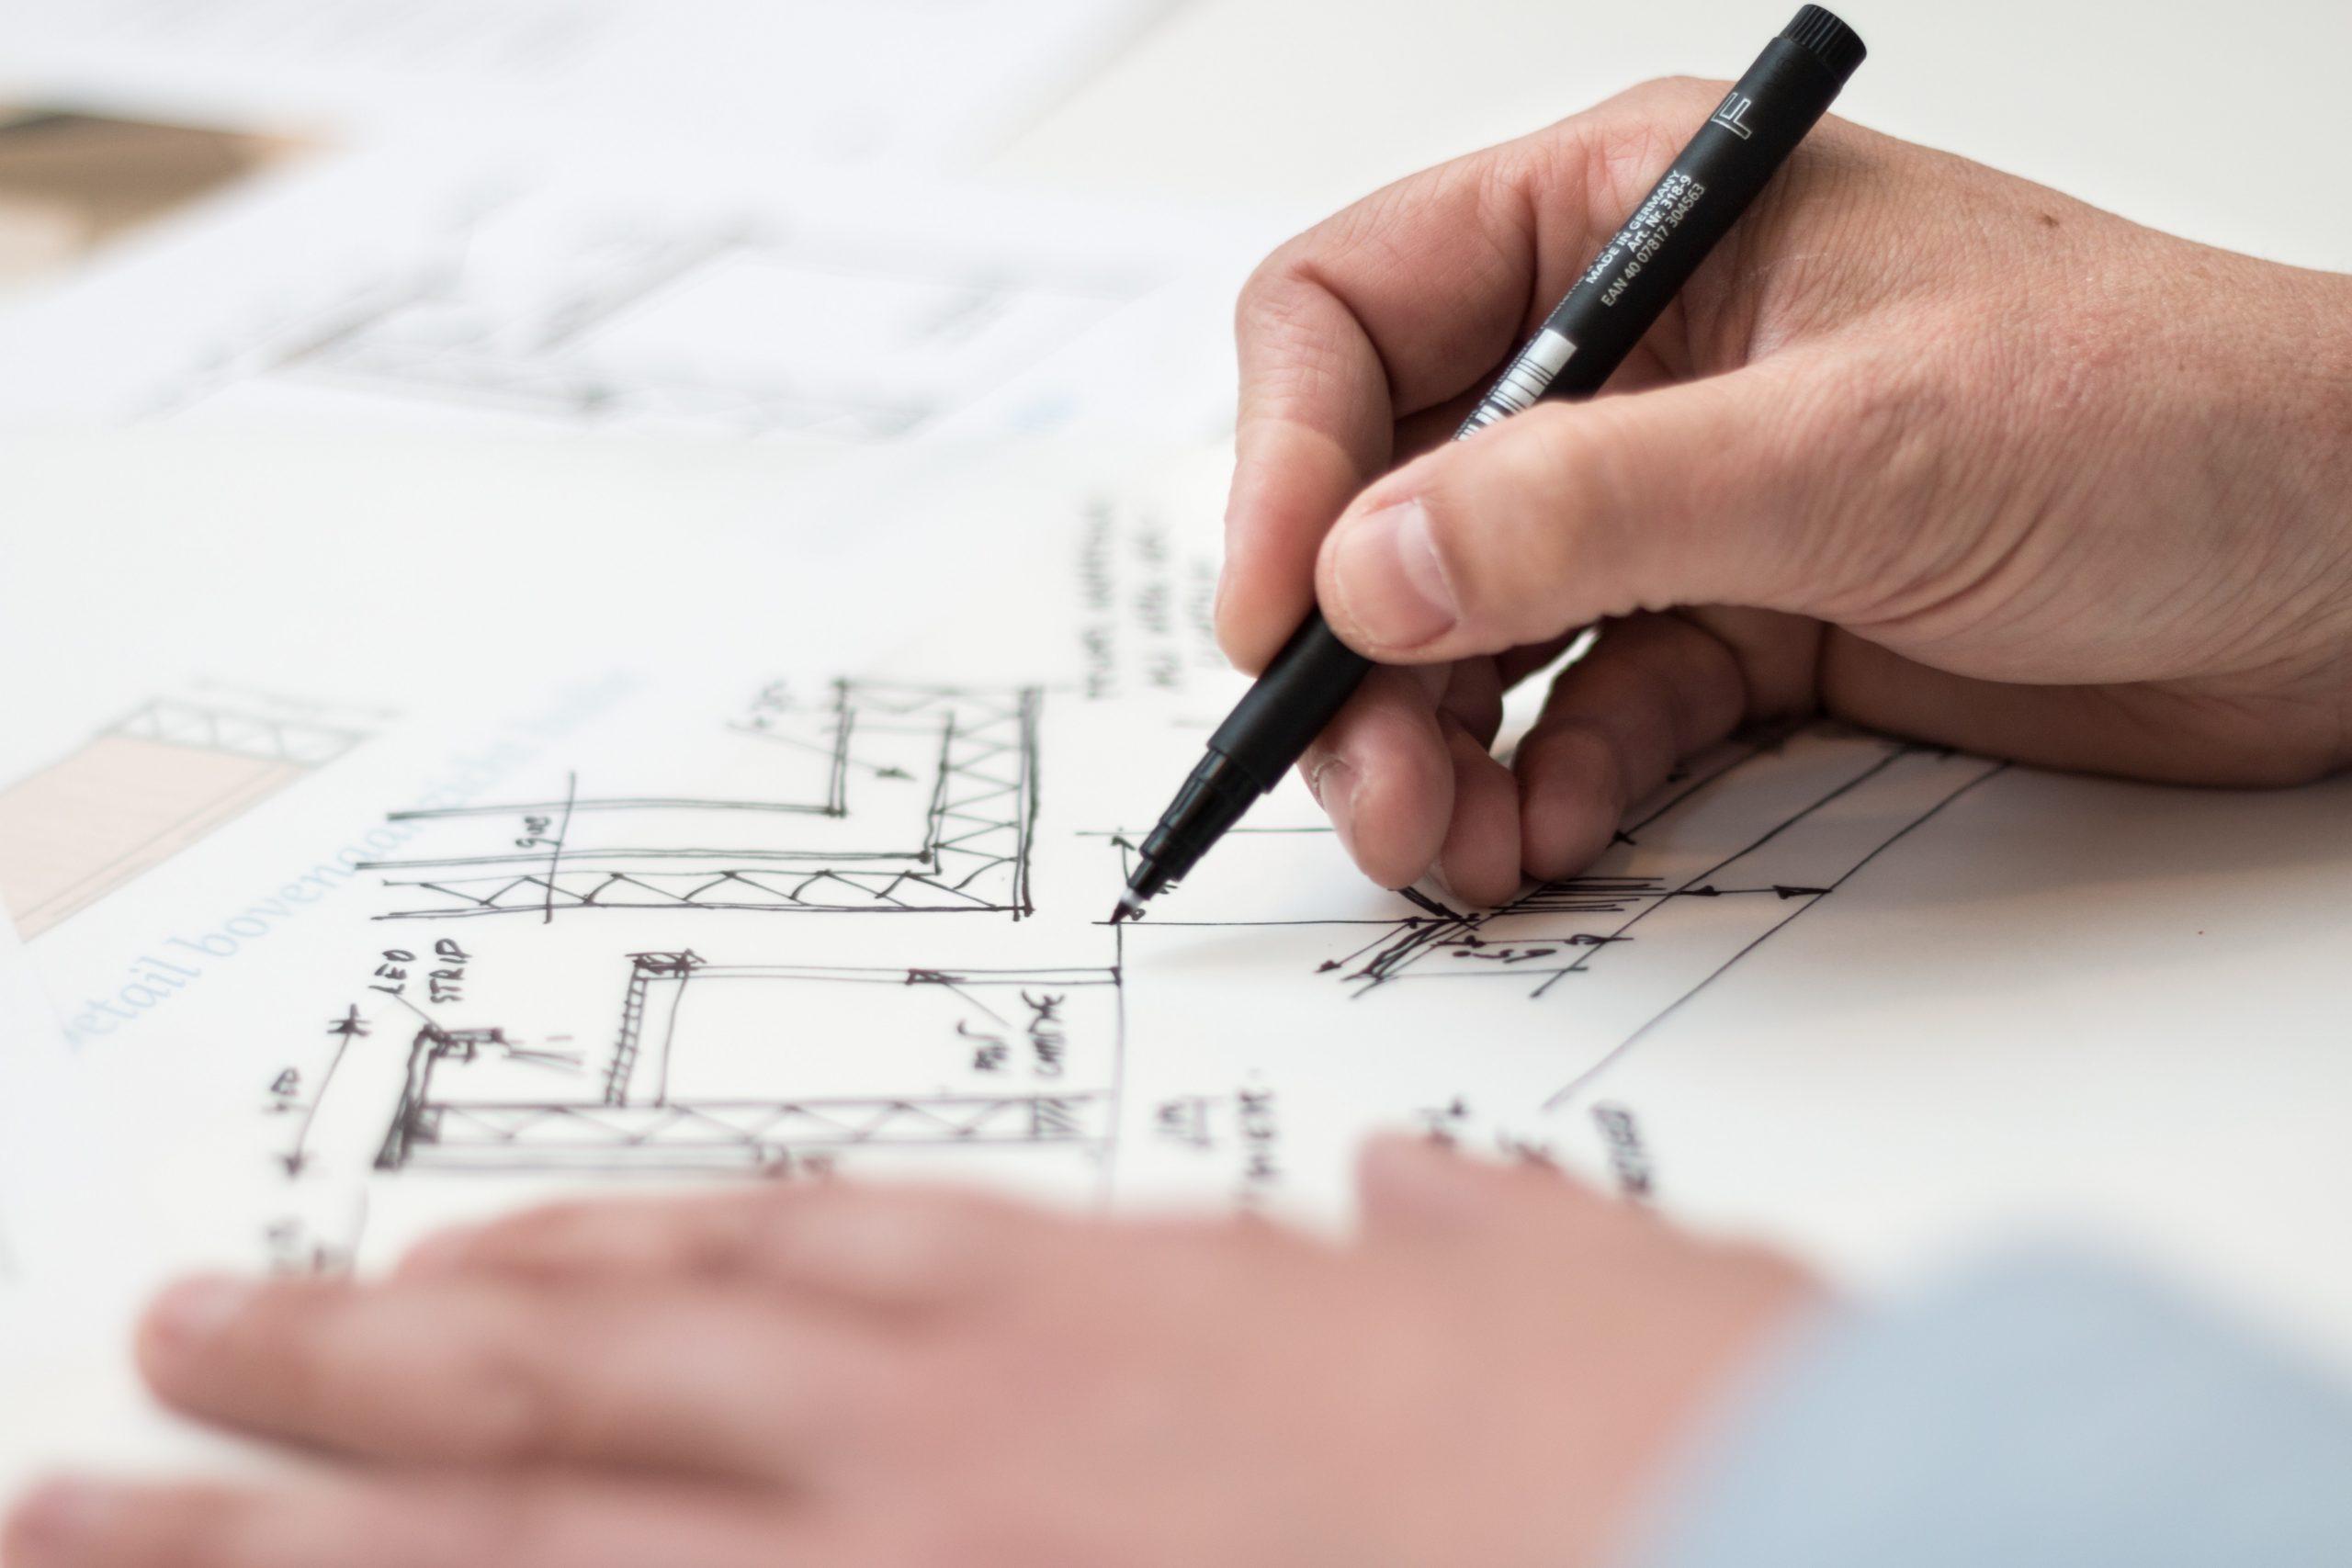 taxe rénovation habitation tva 6% 21%